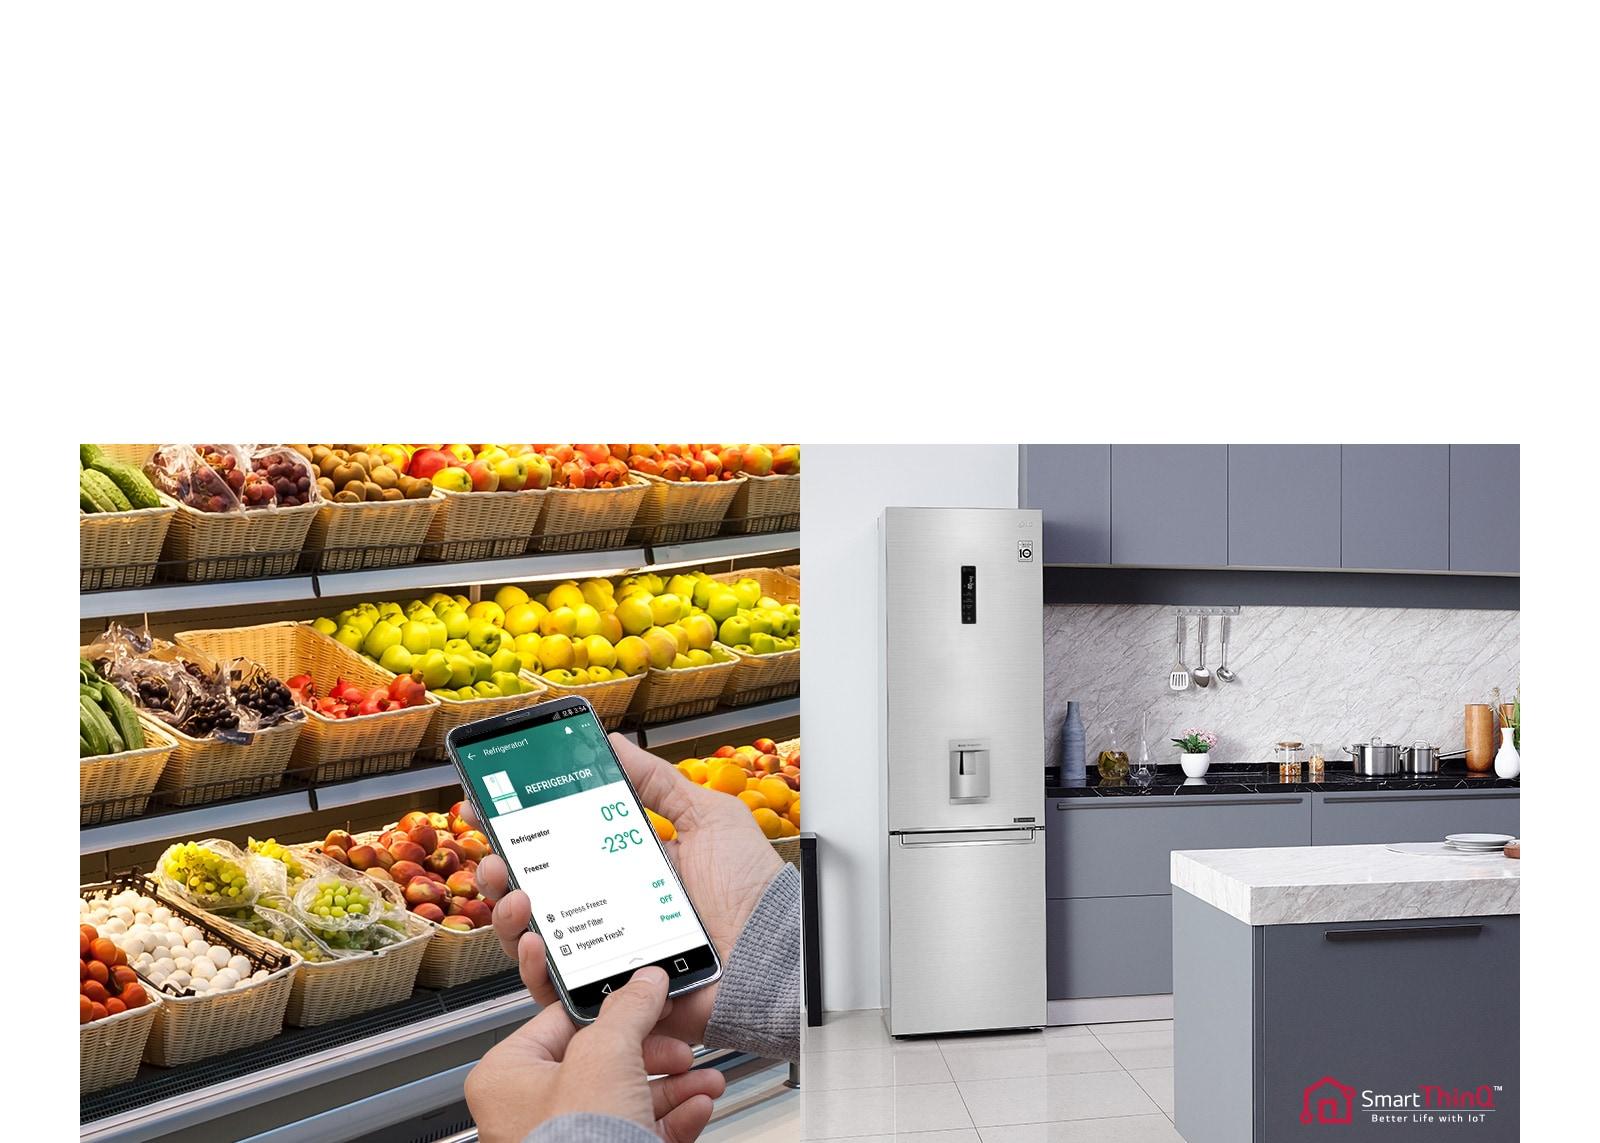 La manera inteligente de controlar su refrigerador3